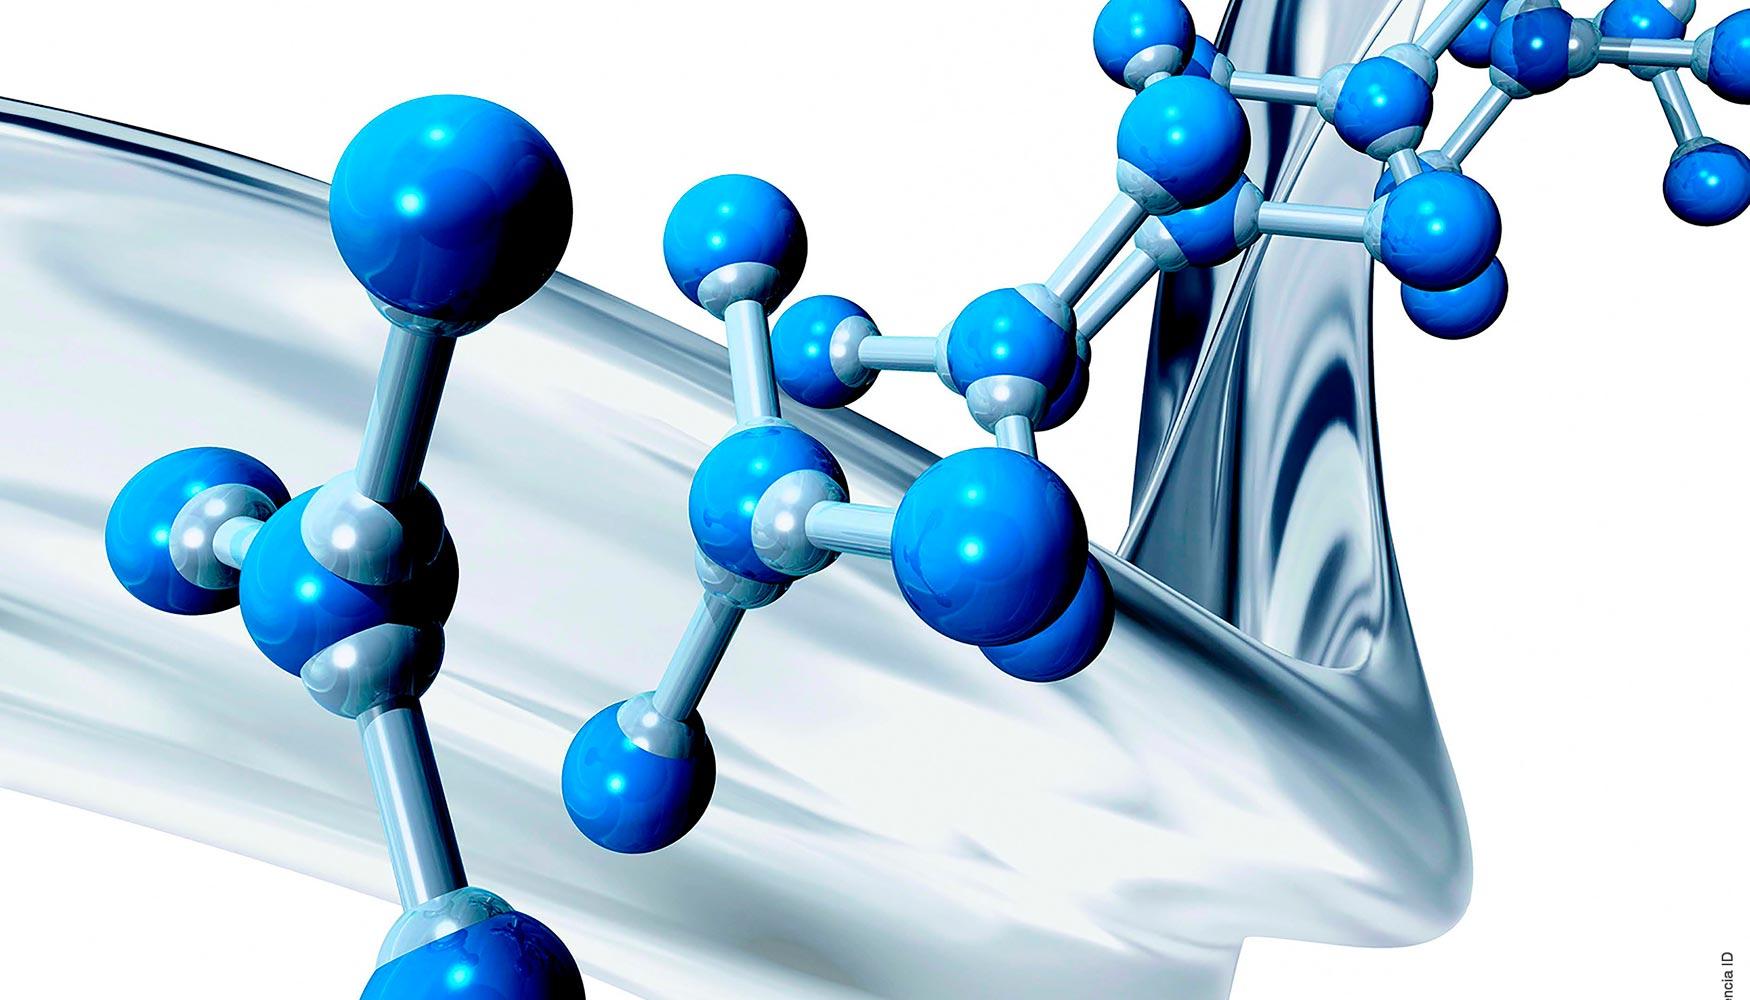 Modifican Semiconductores Para Descontaminar El Agua De